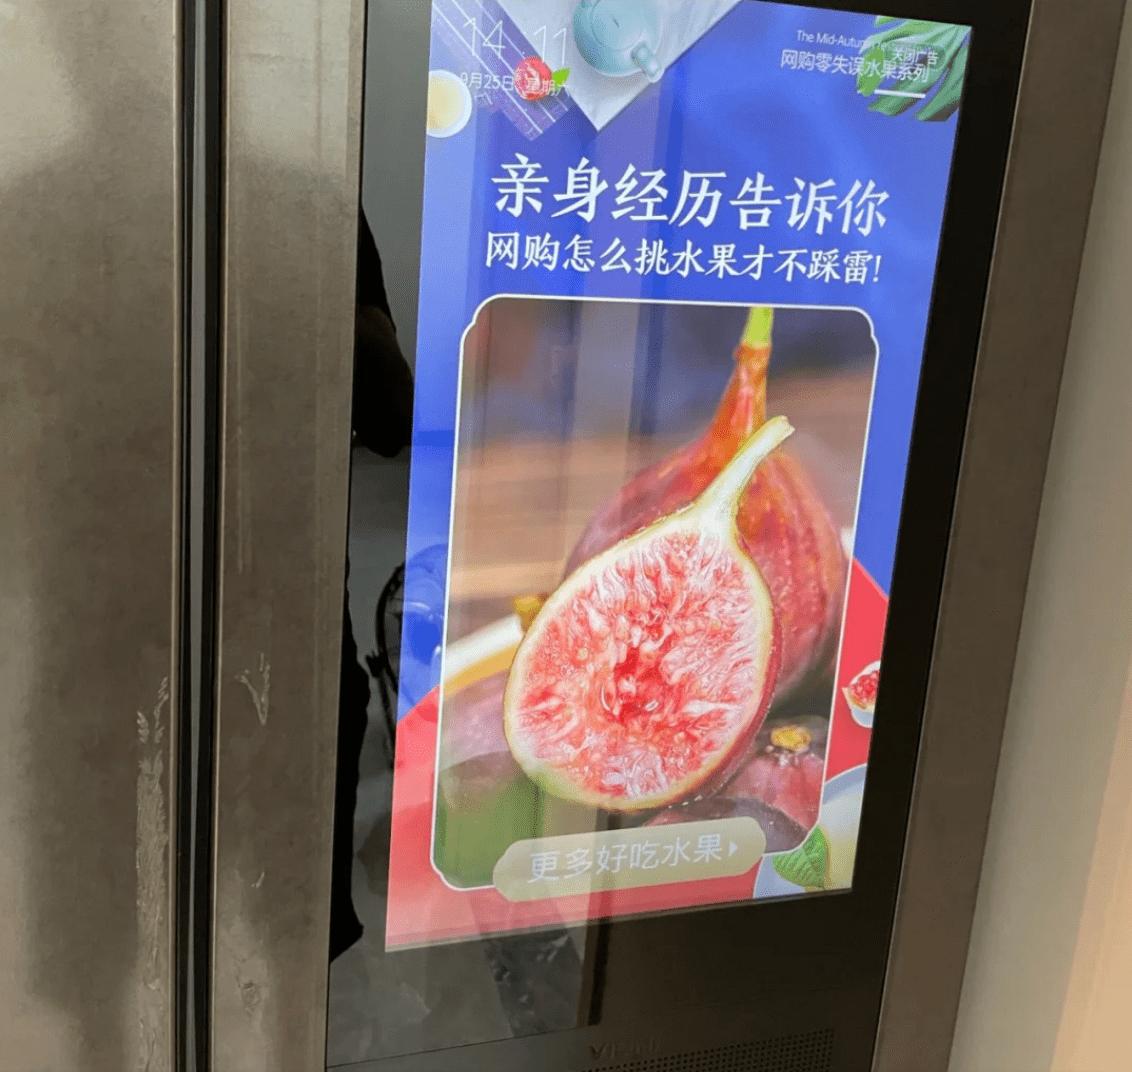 云米官方回应:大屏冰箱一直可一键关闭广告